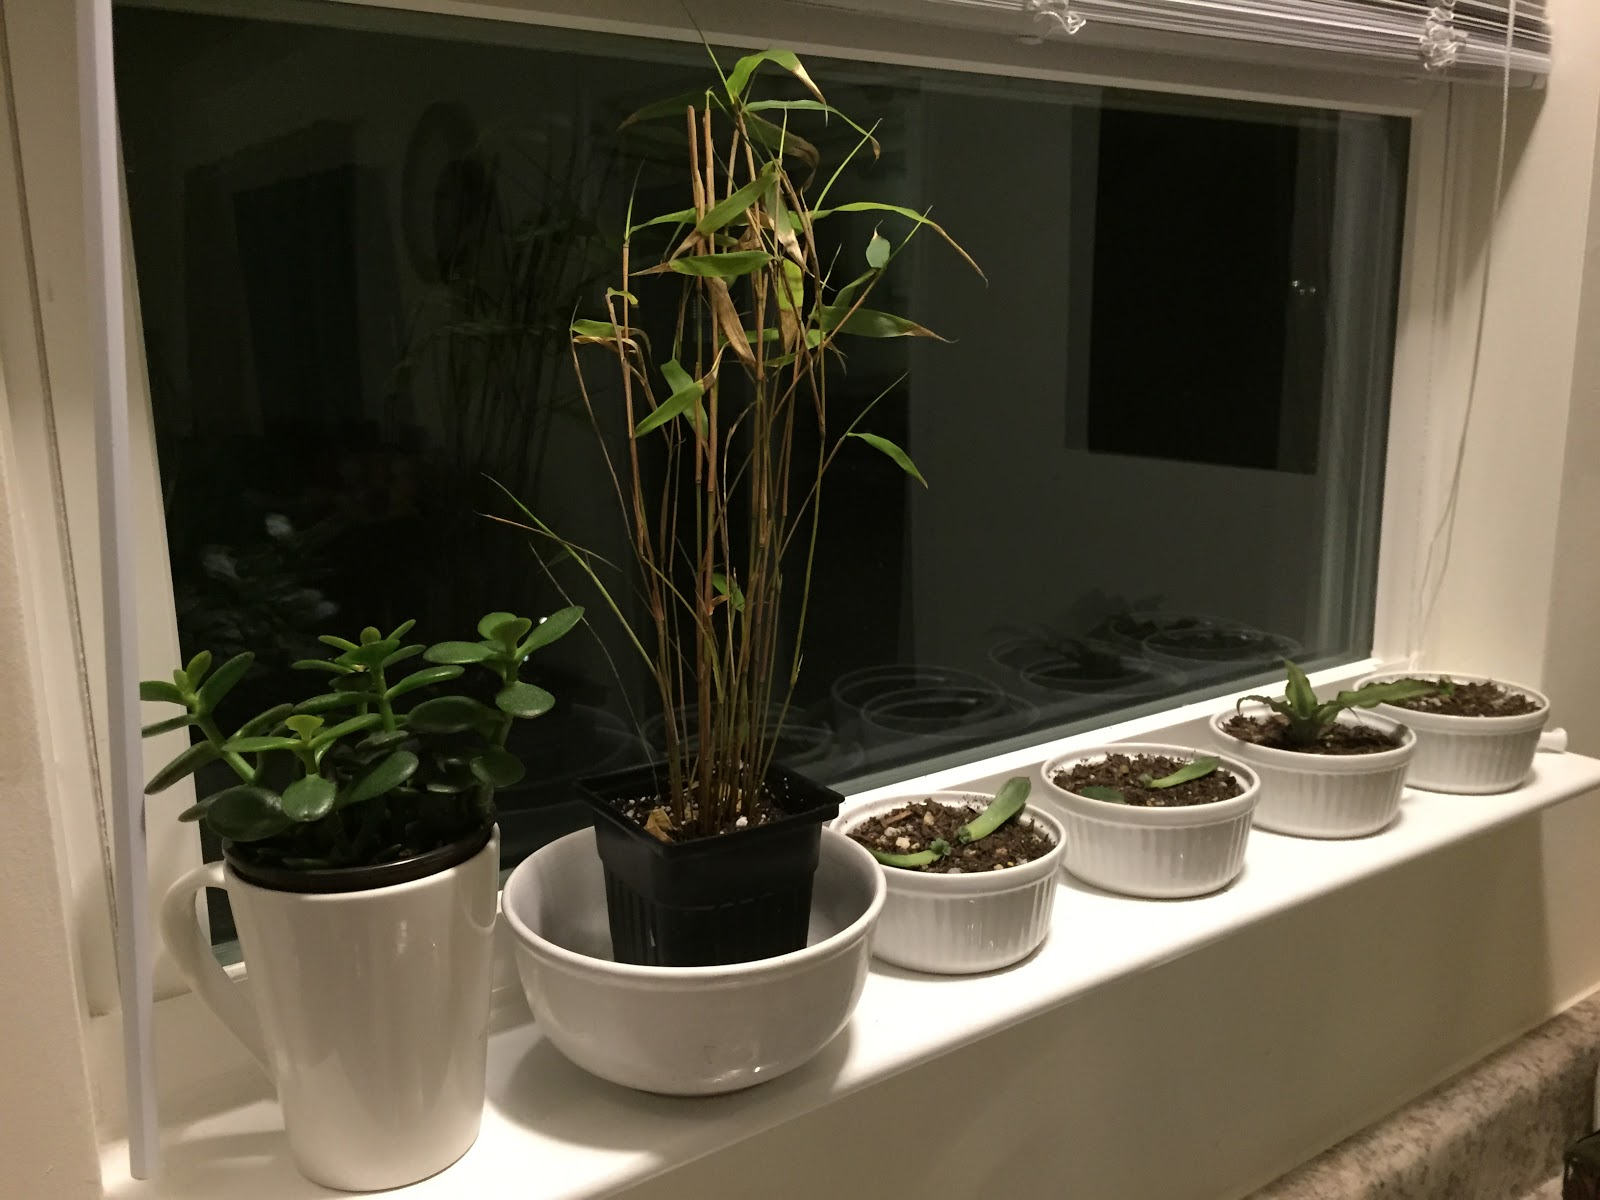 bamboo in windowsill